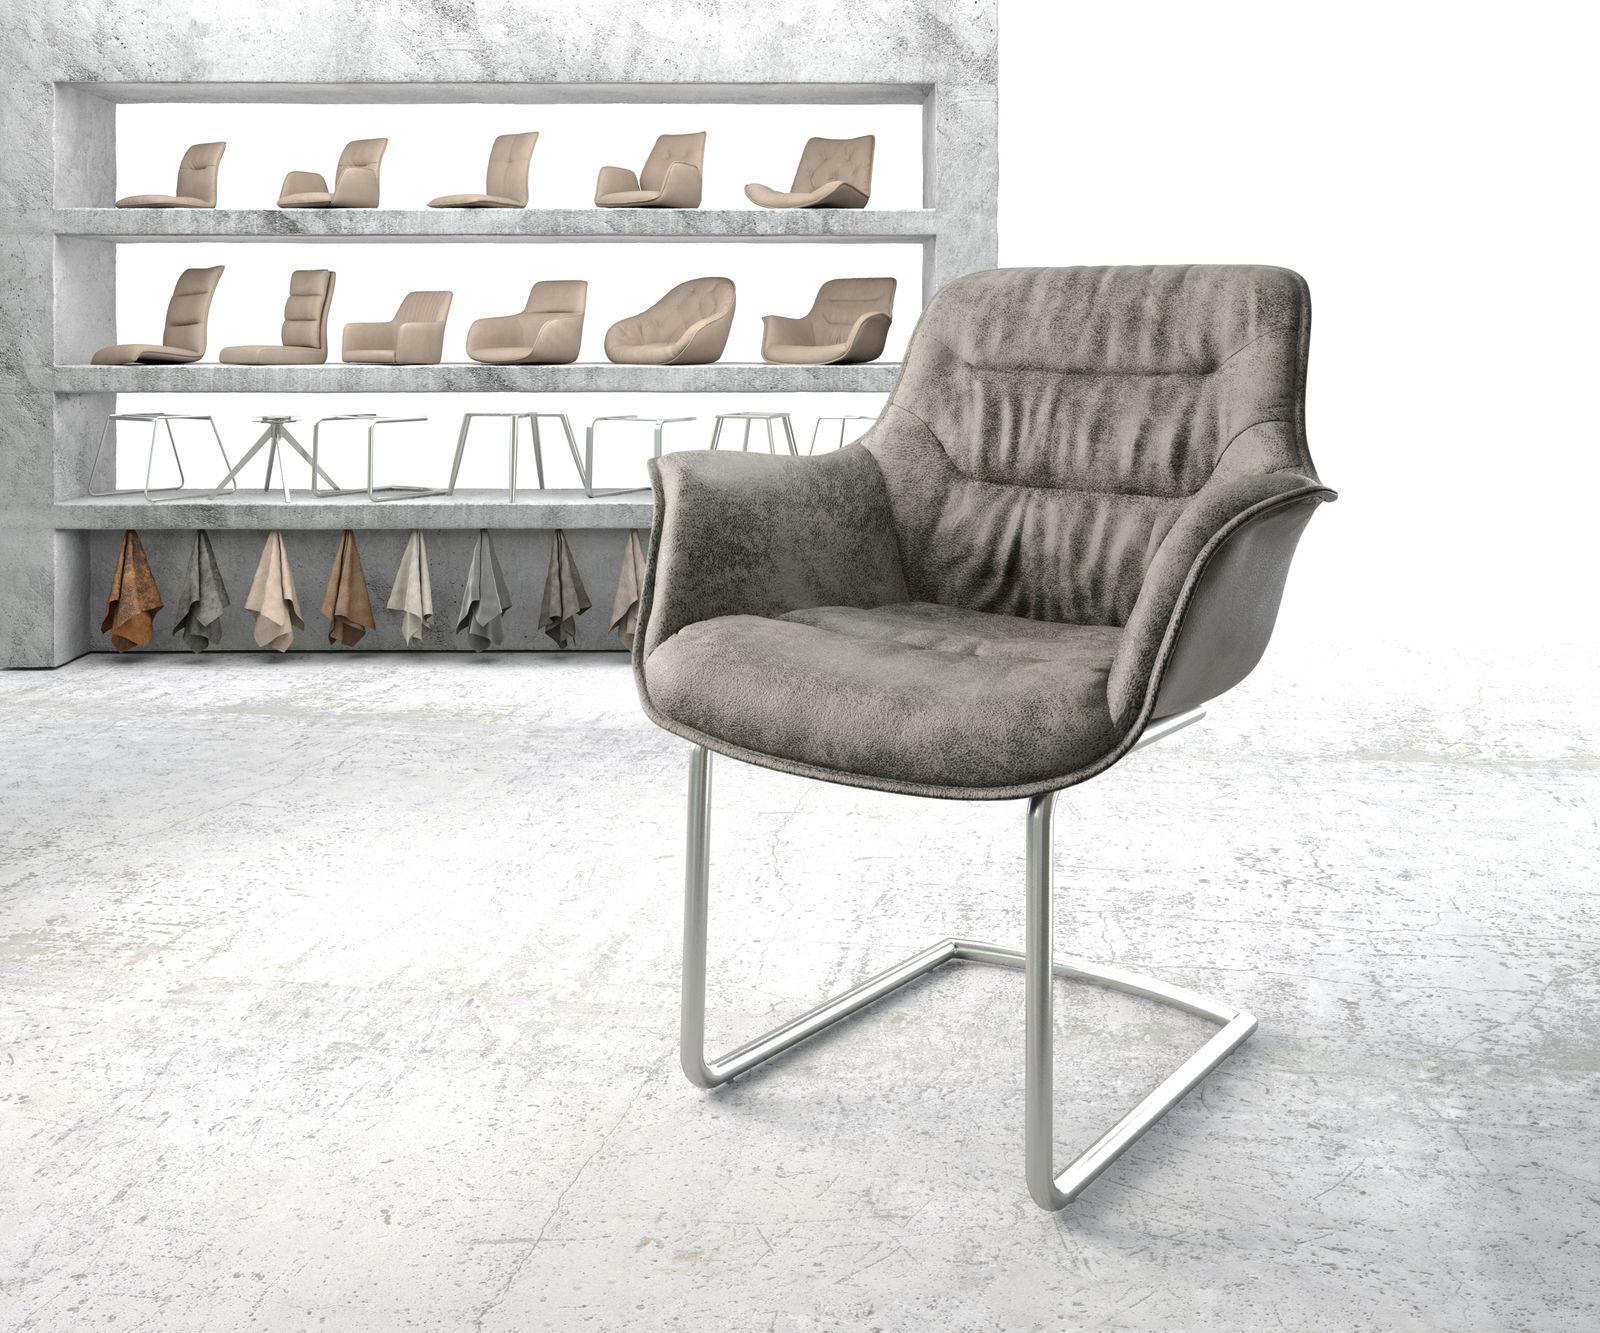 delife-armlehnstuhl-kaira-flex-grau-vintage-freischwinger-rund-edelstahl-esszimmerstuhle